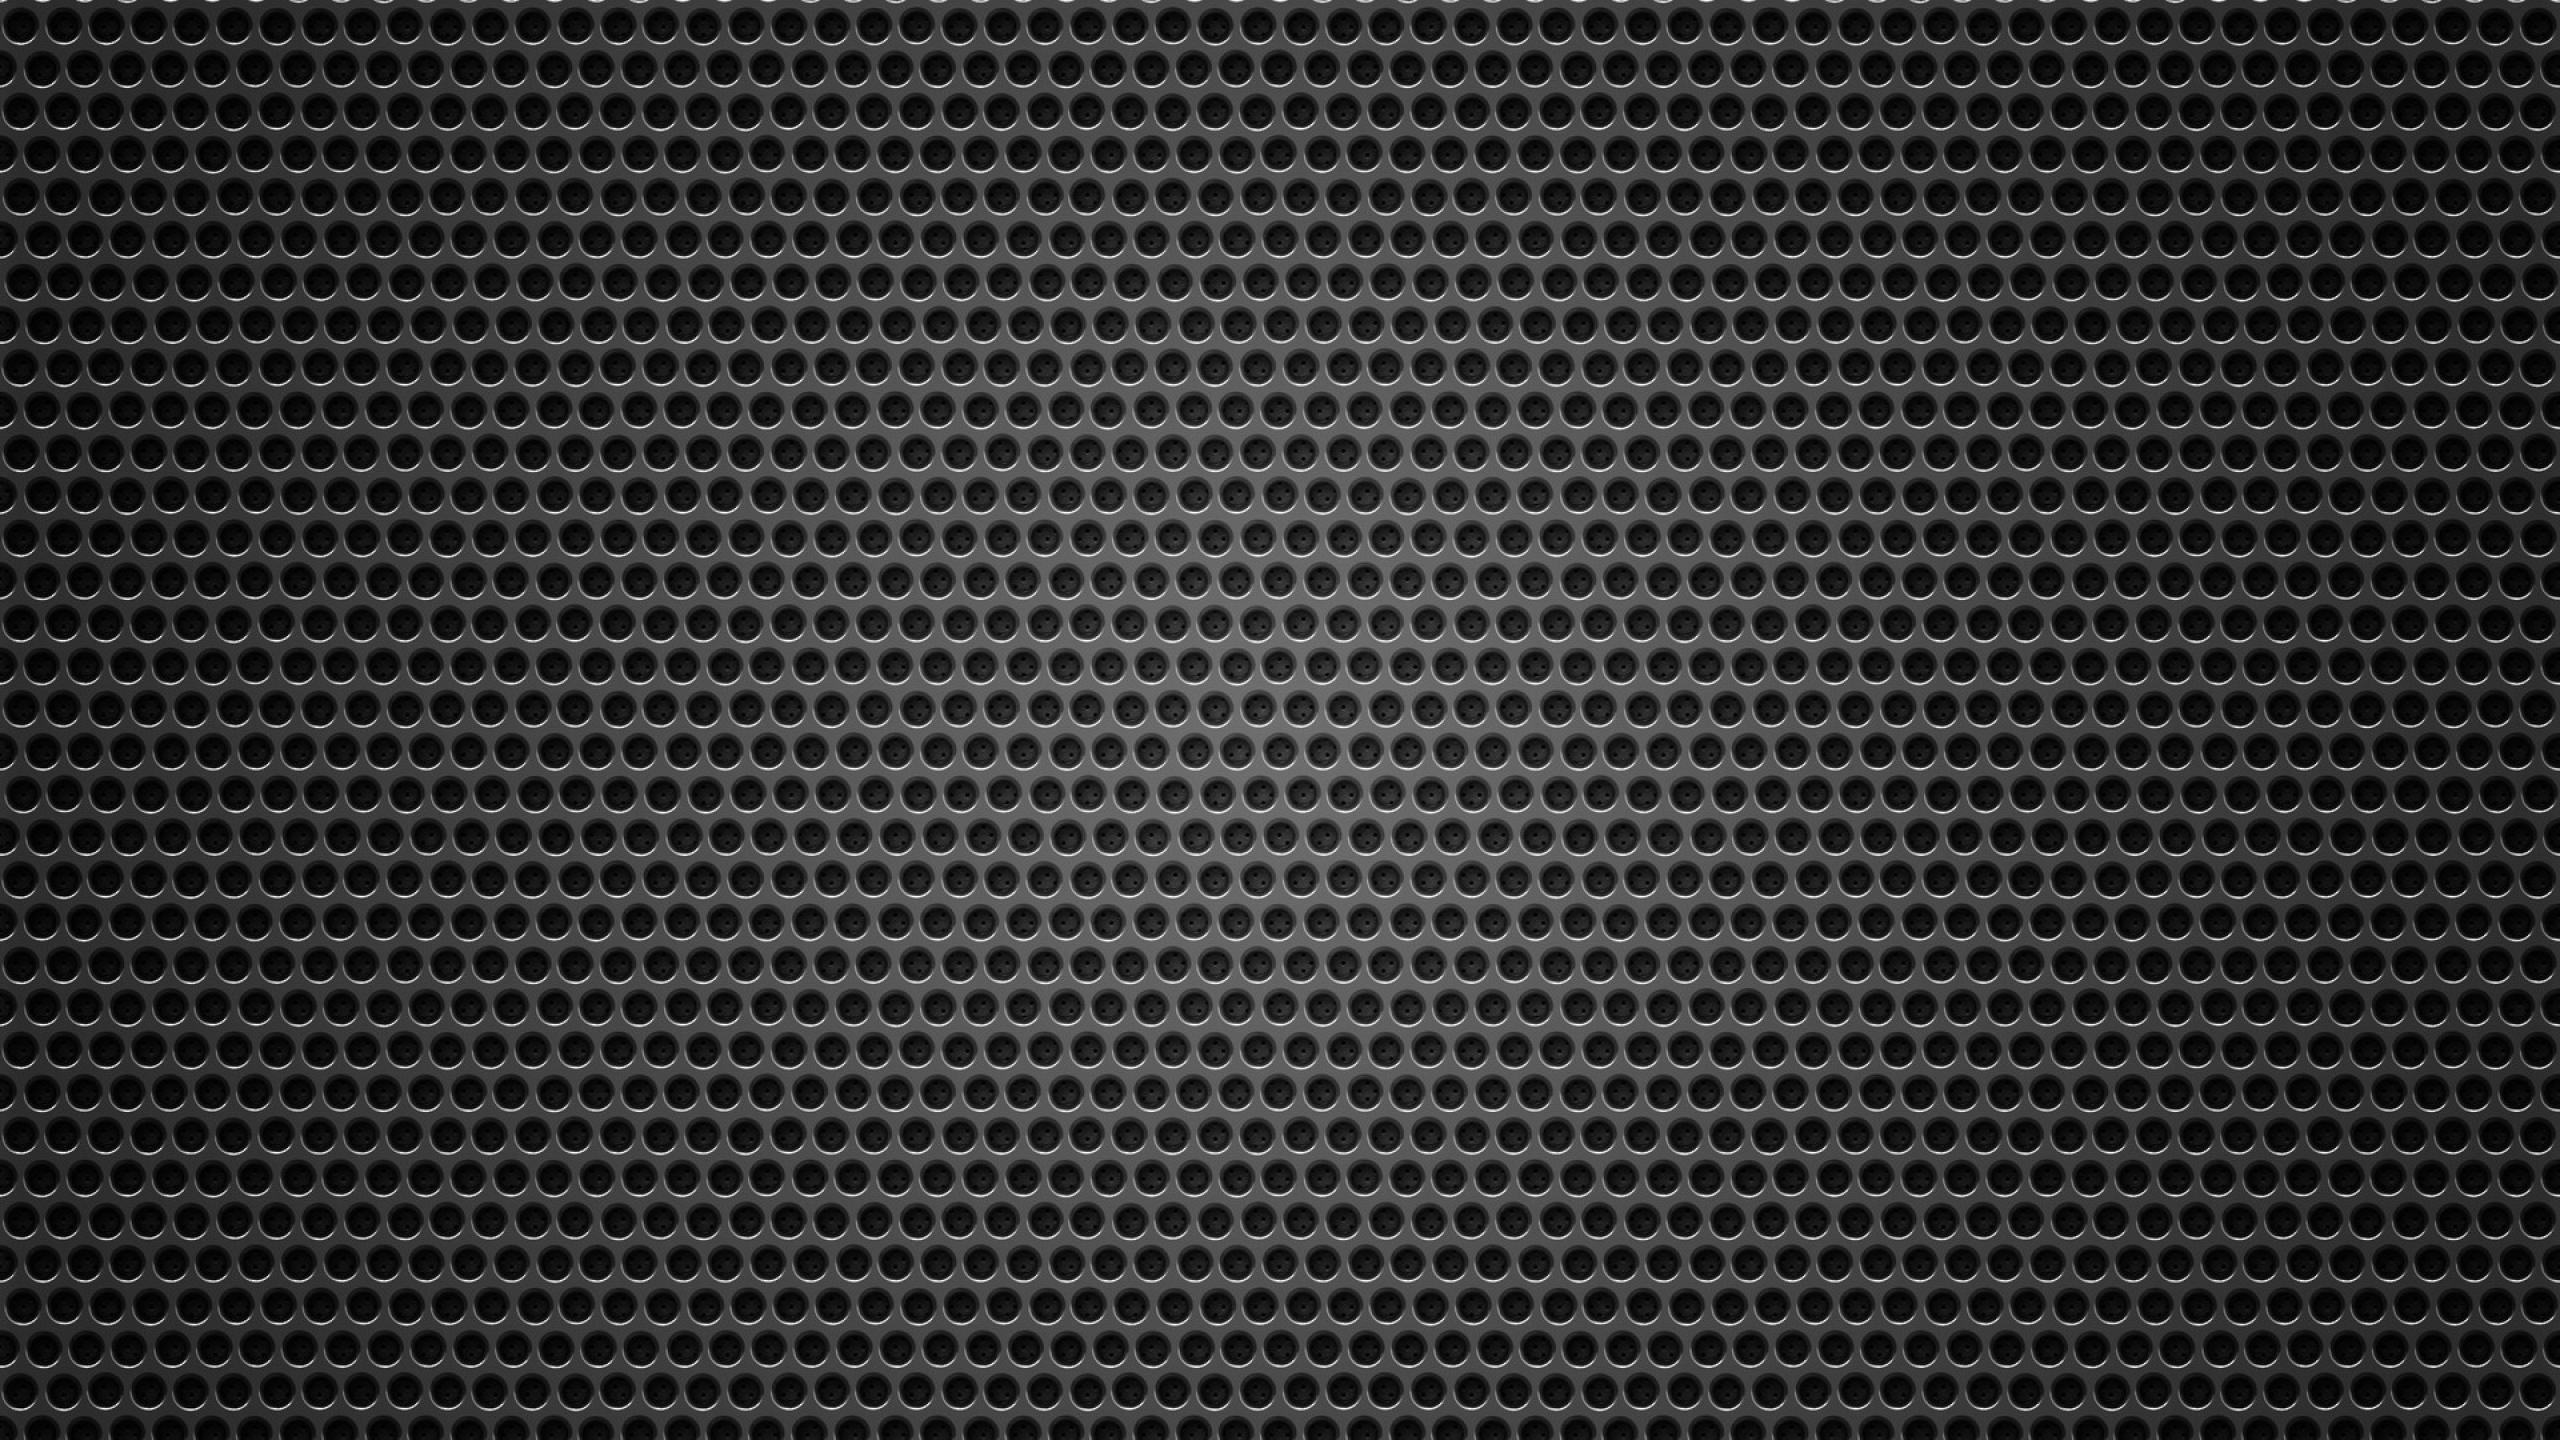 Res: 2560x1440, black grid wallpaper #892289